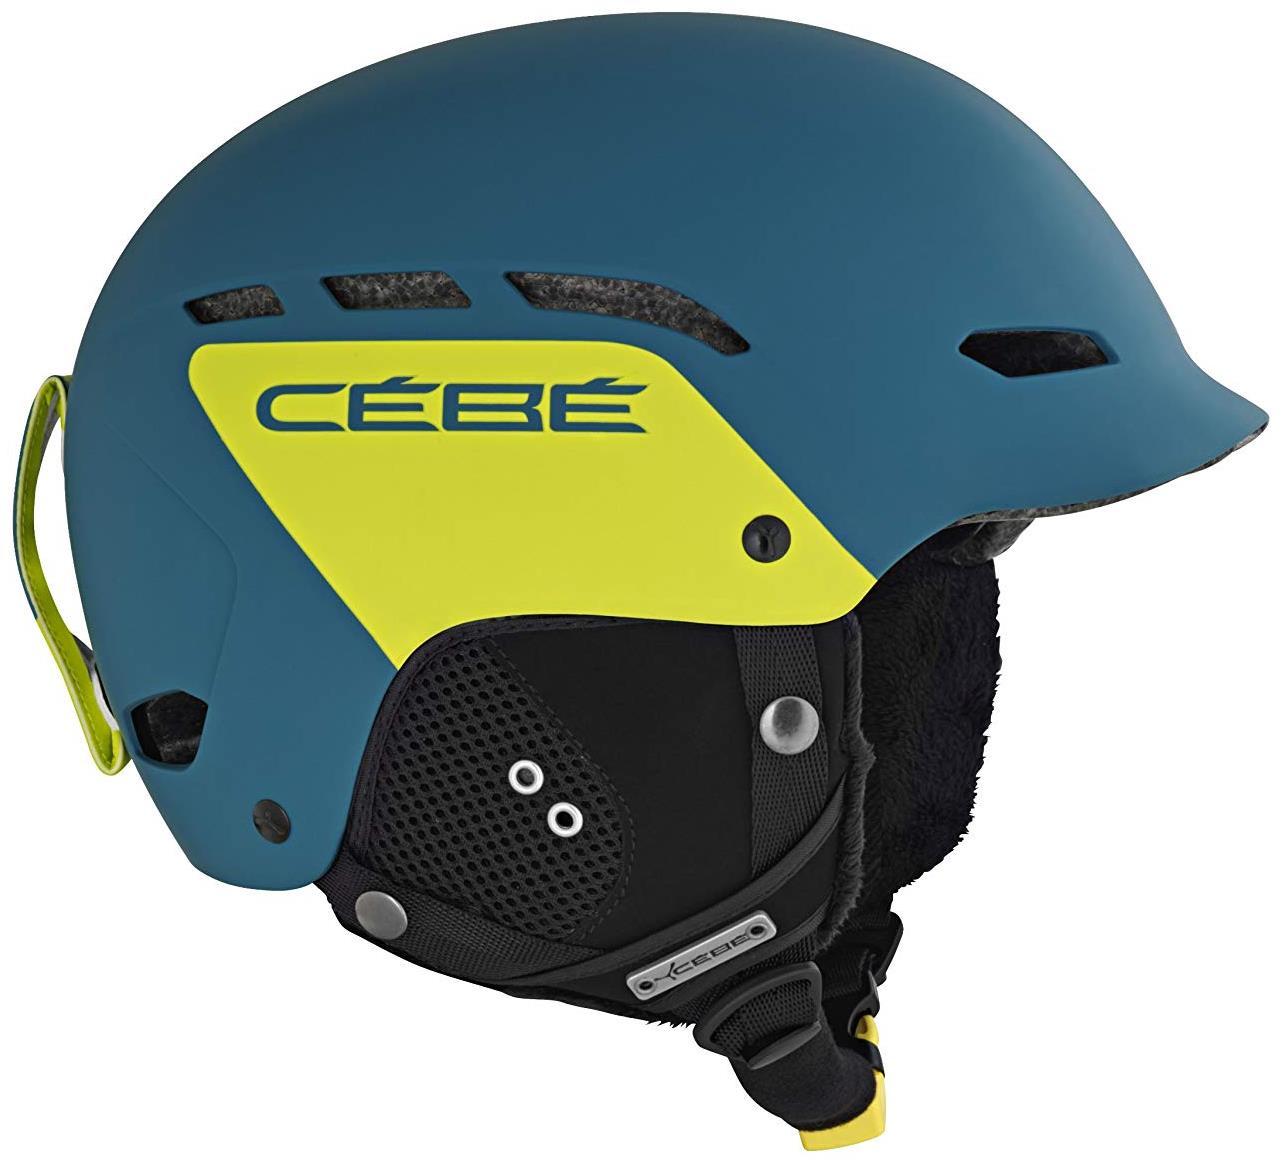 Cebe Dusk Kayak Snowboard Kask 58 62Cm Push Yeşil Cbcbh33